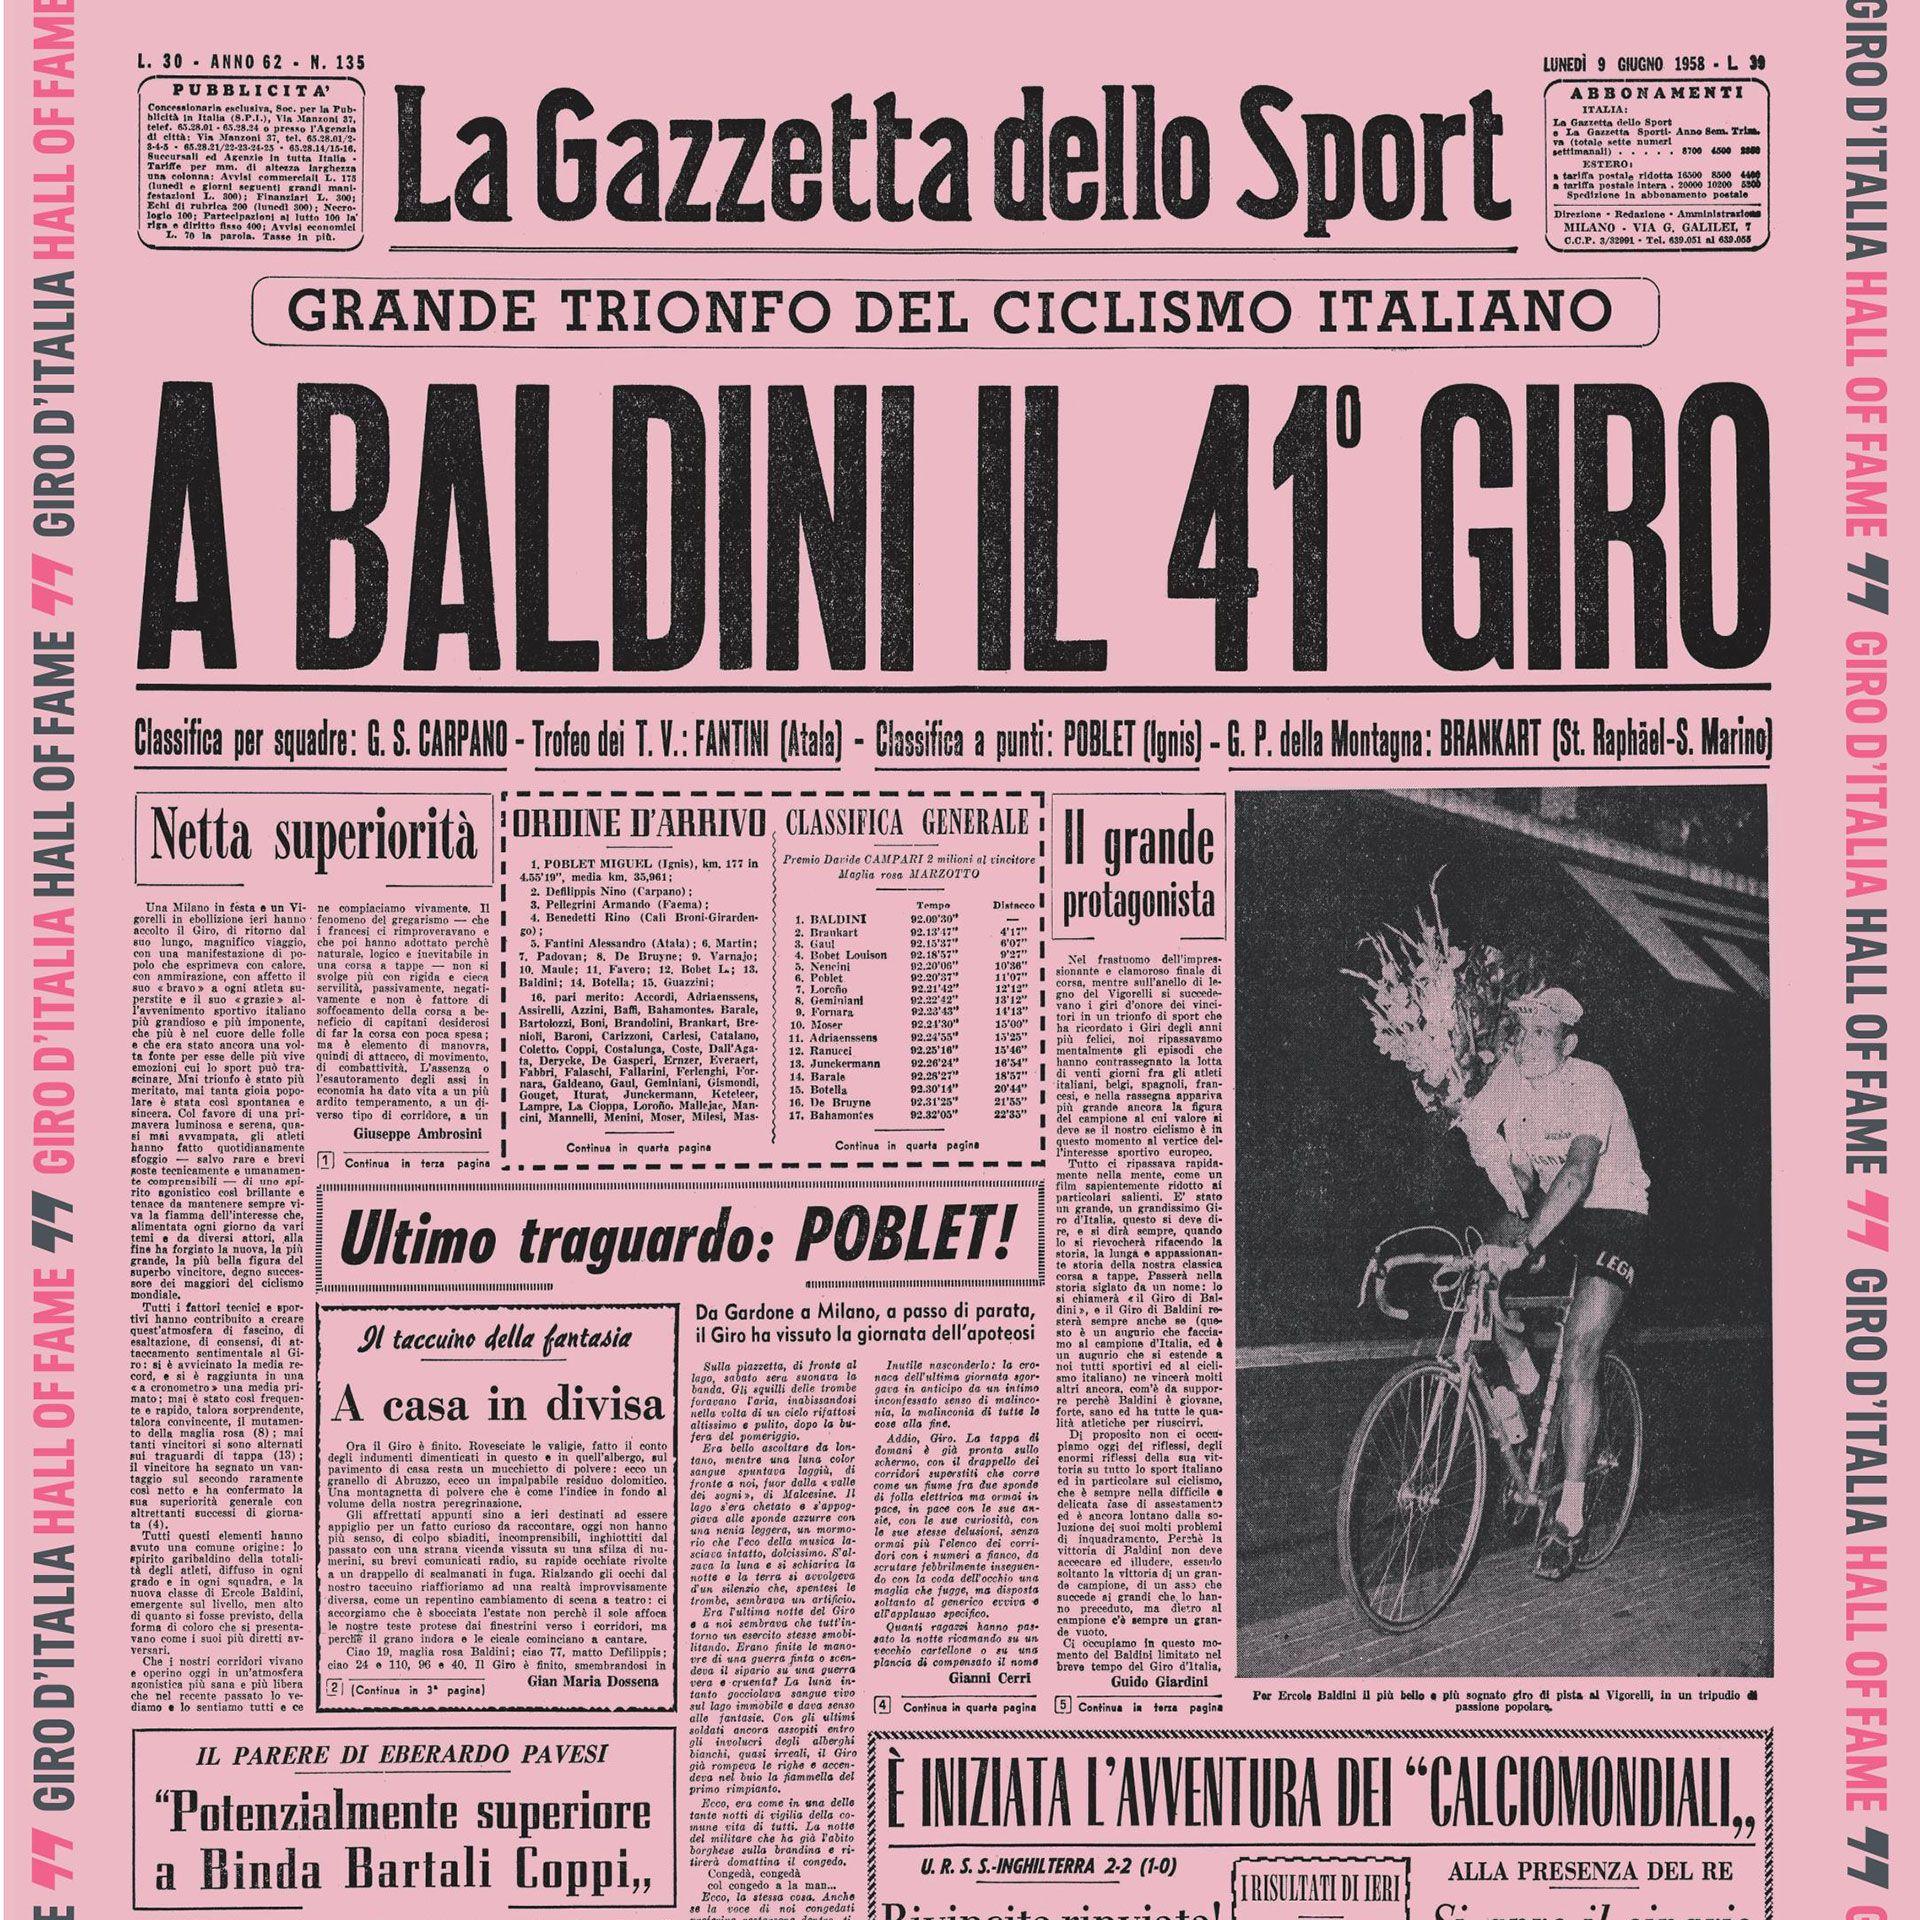 Image result for Gazzetta dello Sport printed on pink